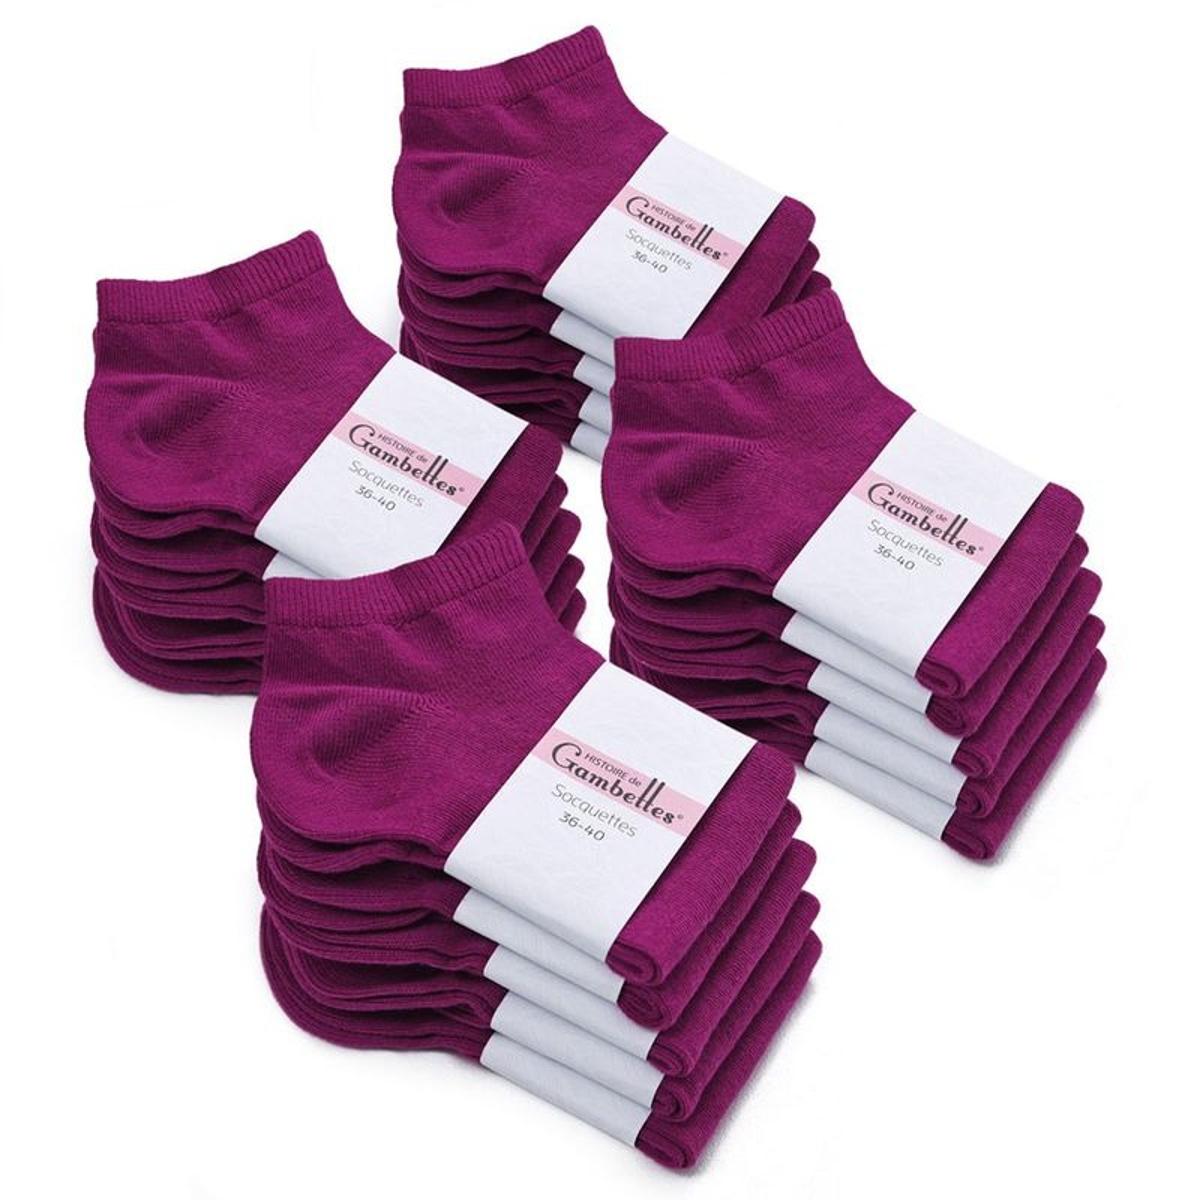 Socquettes Femme coton Prune (Lot de 20) - Fabriqué en europe